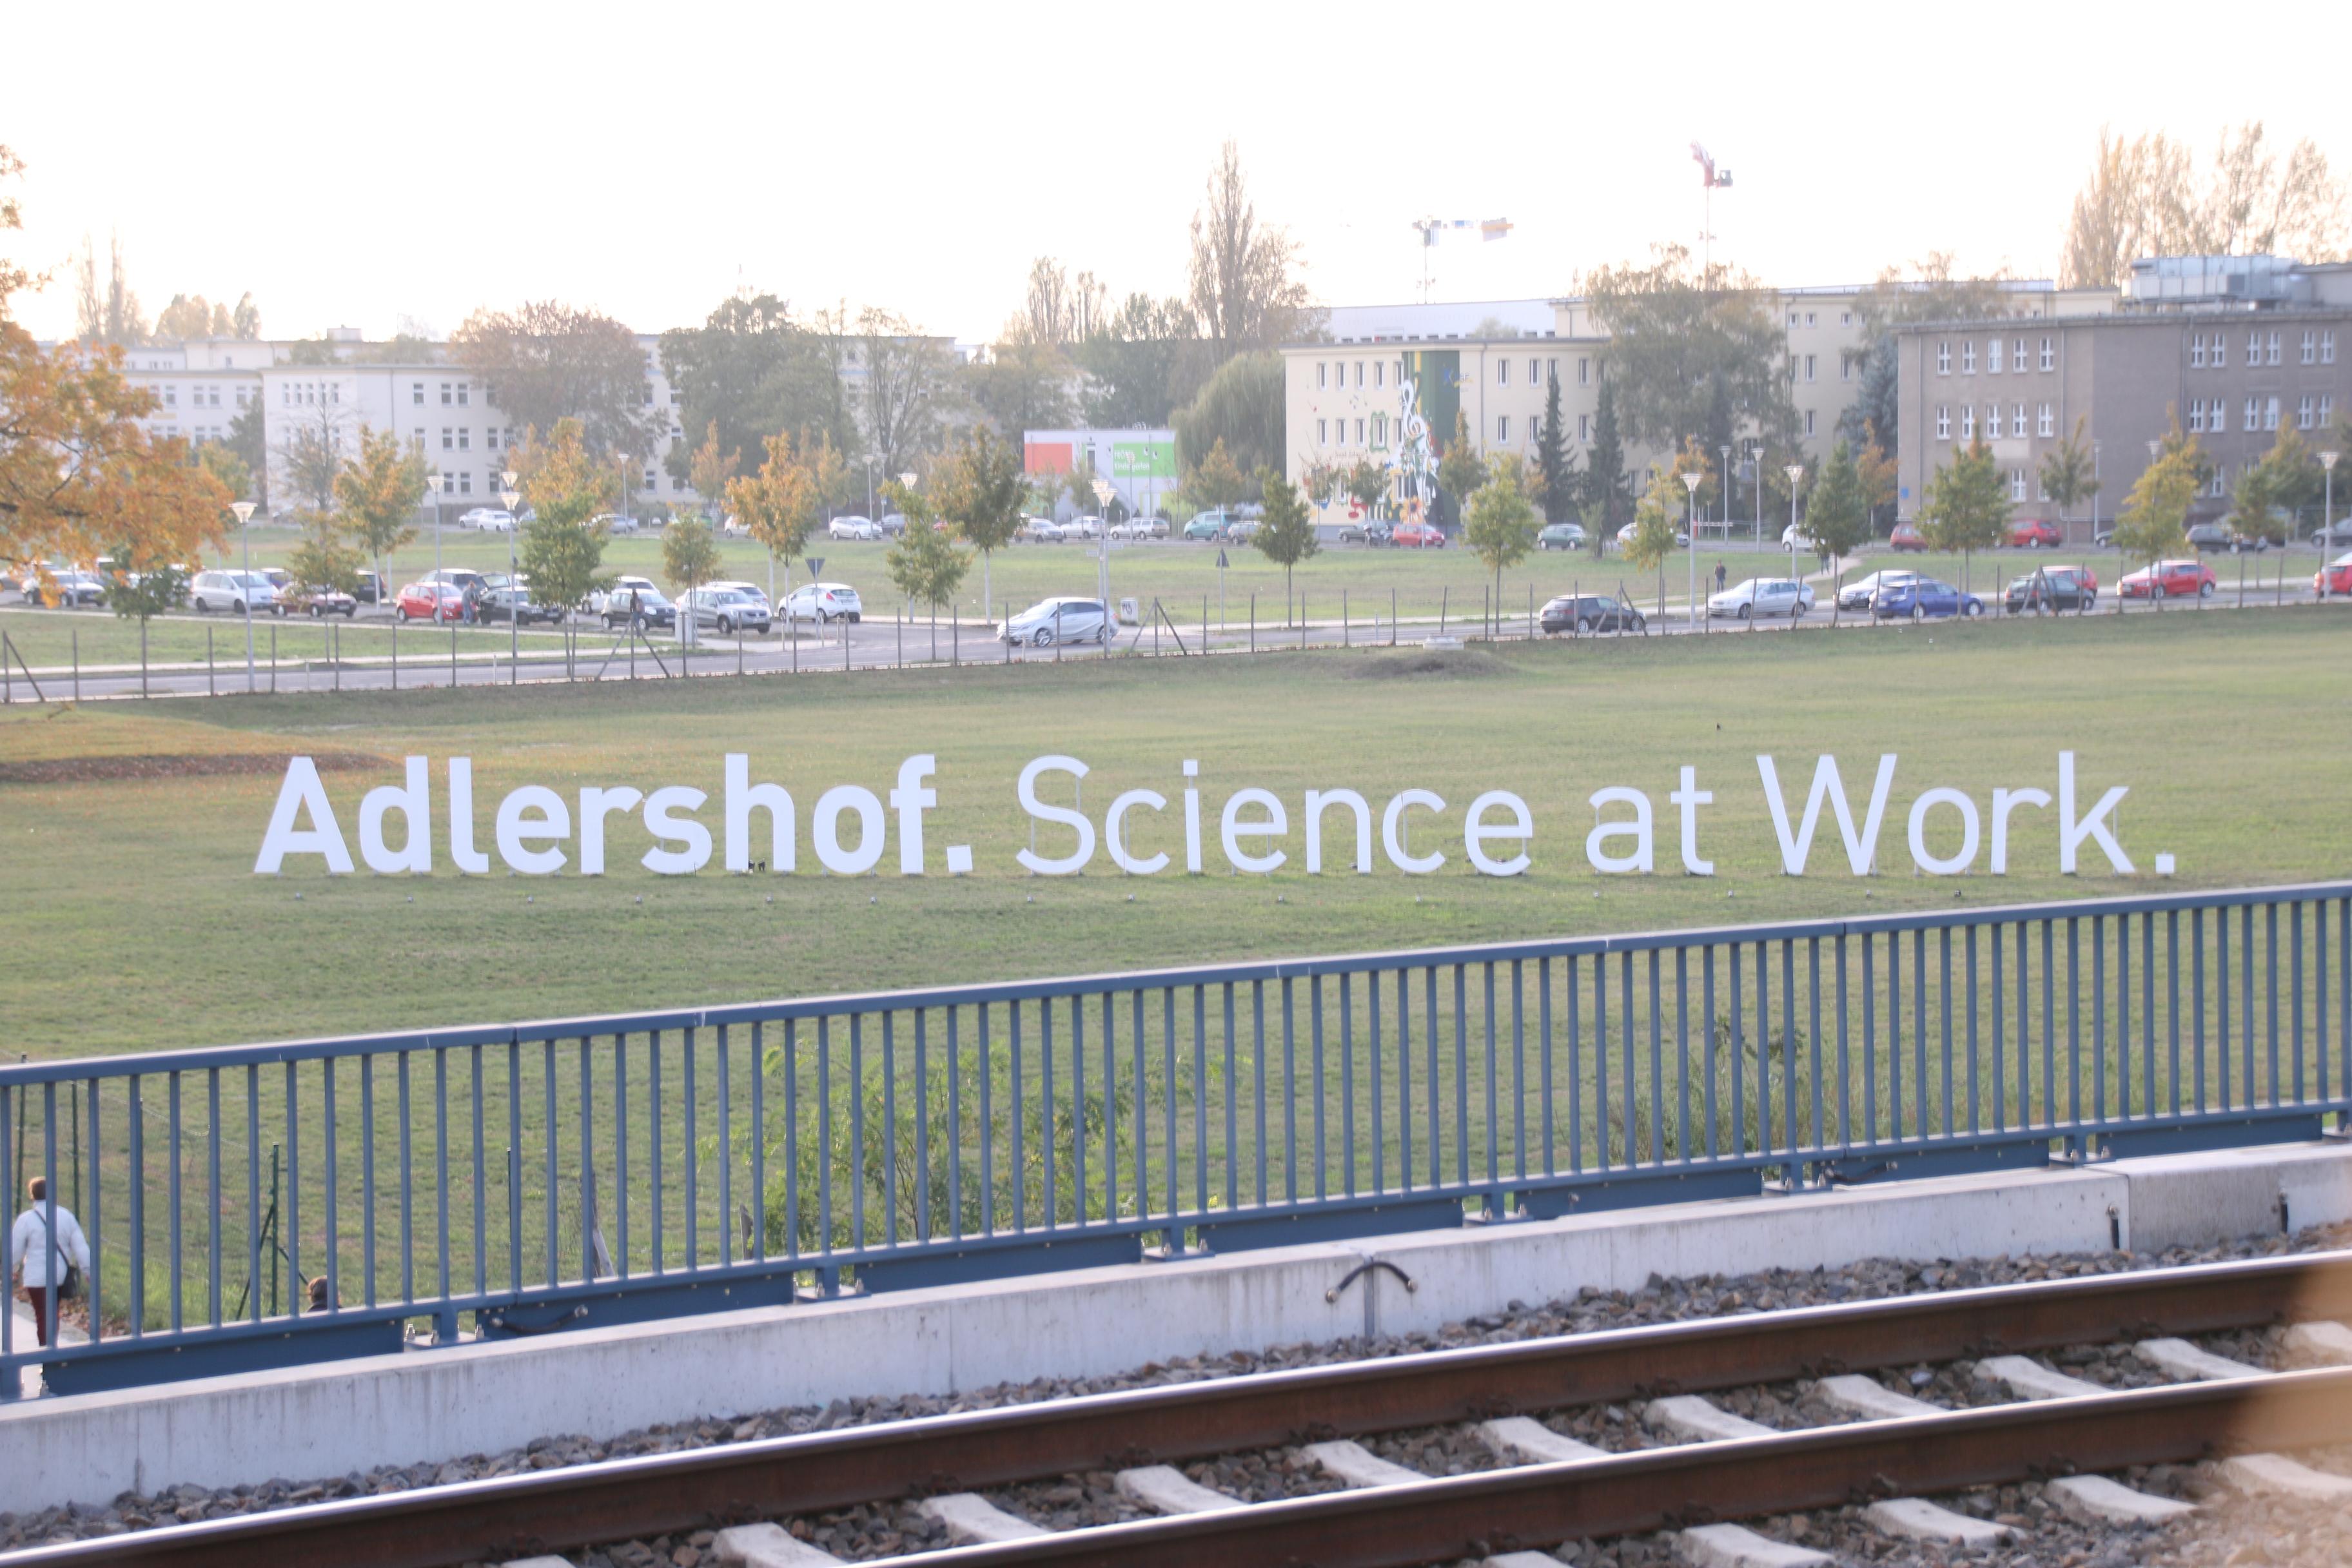 Adlershof - Standort der Wissenschaft in Treptow-Köpenick